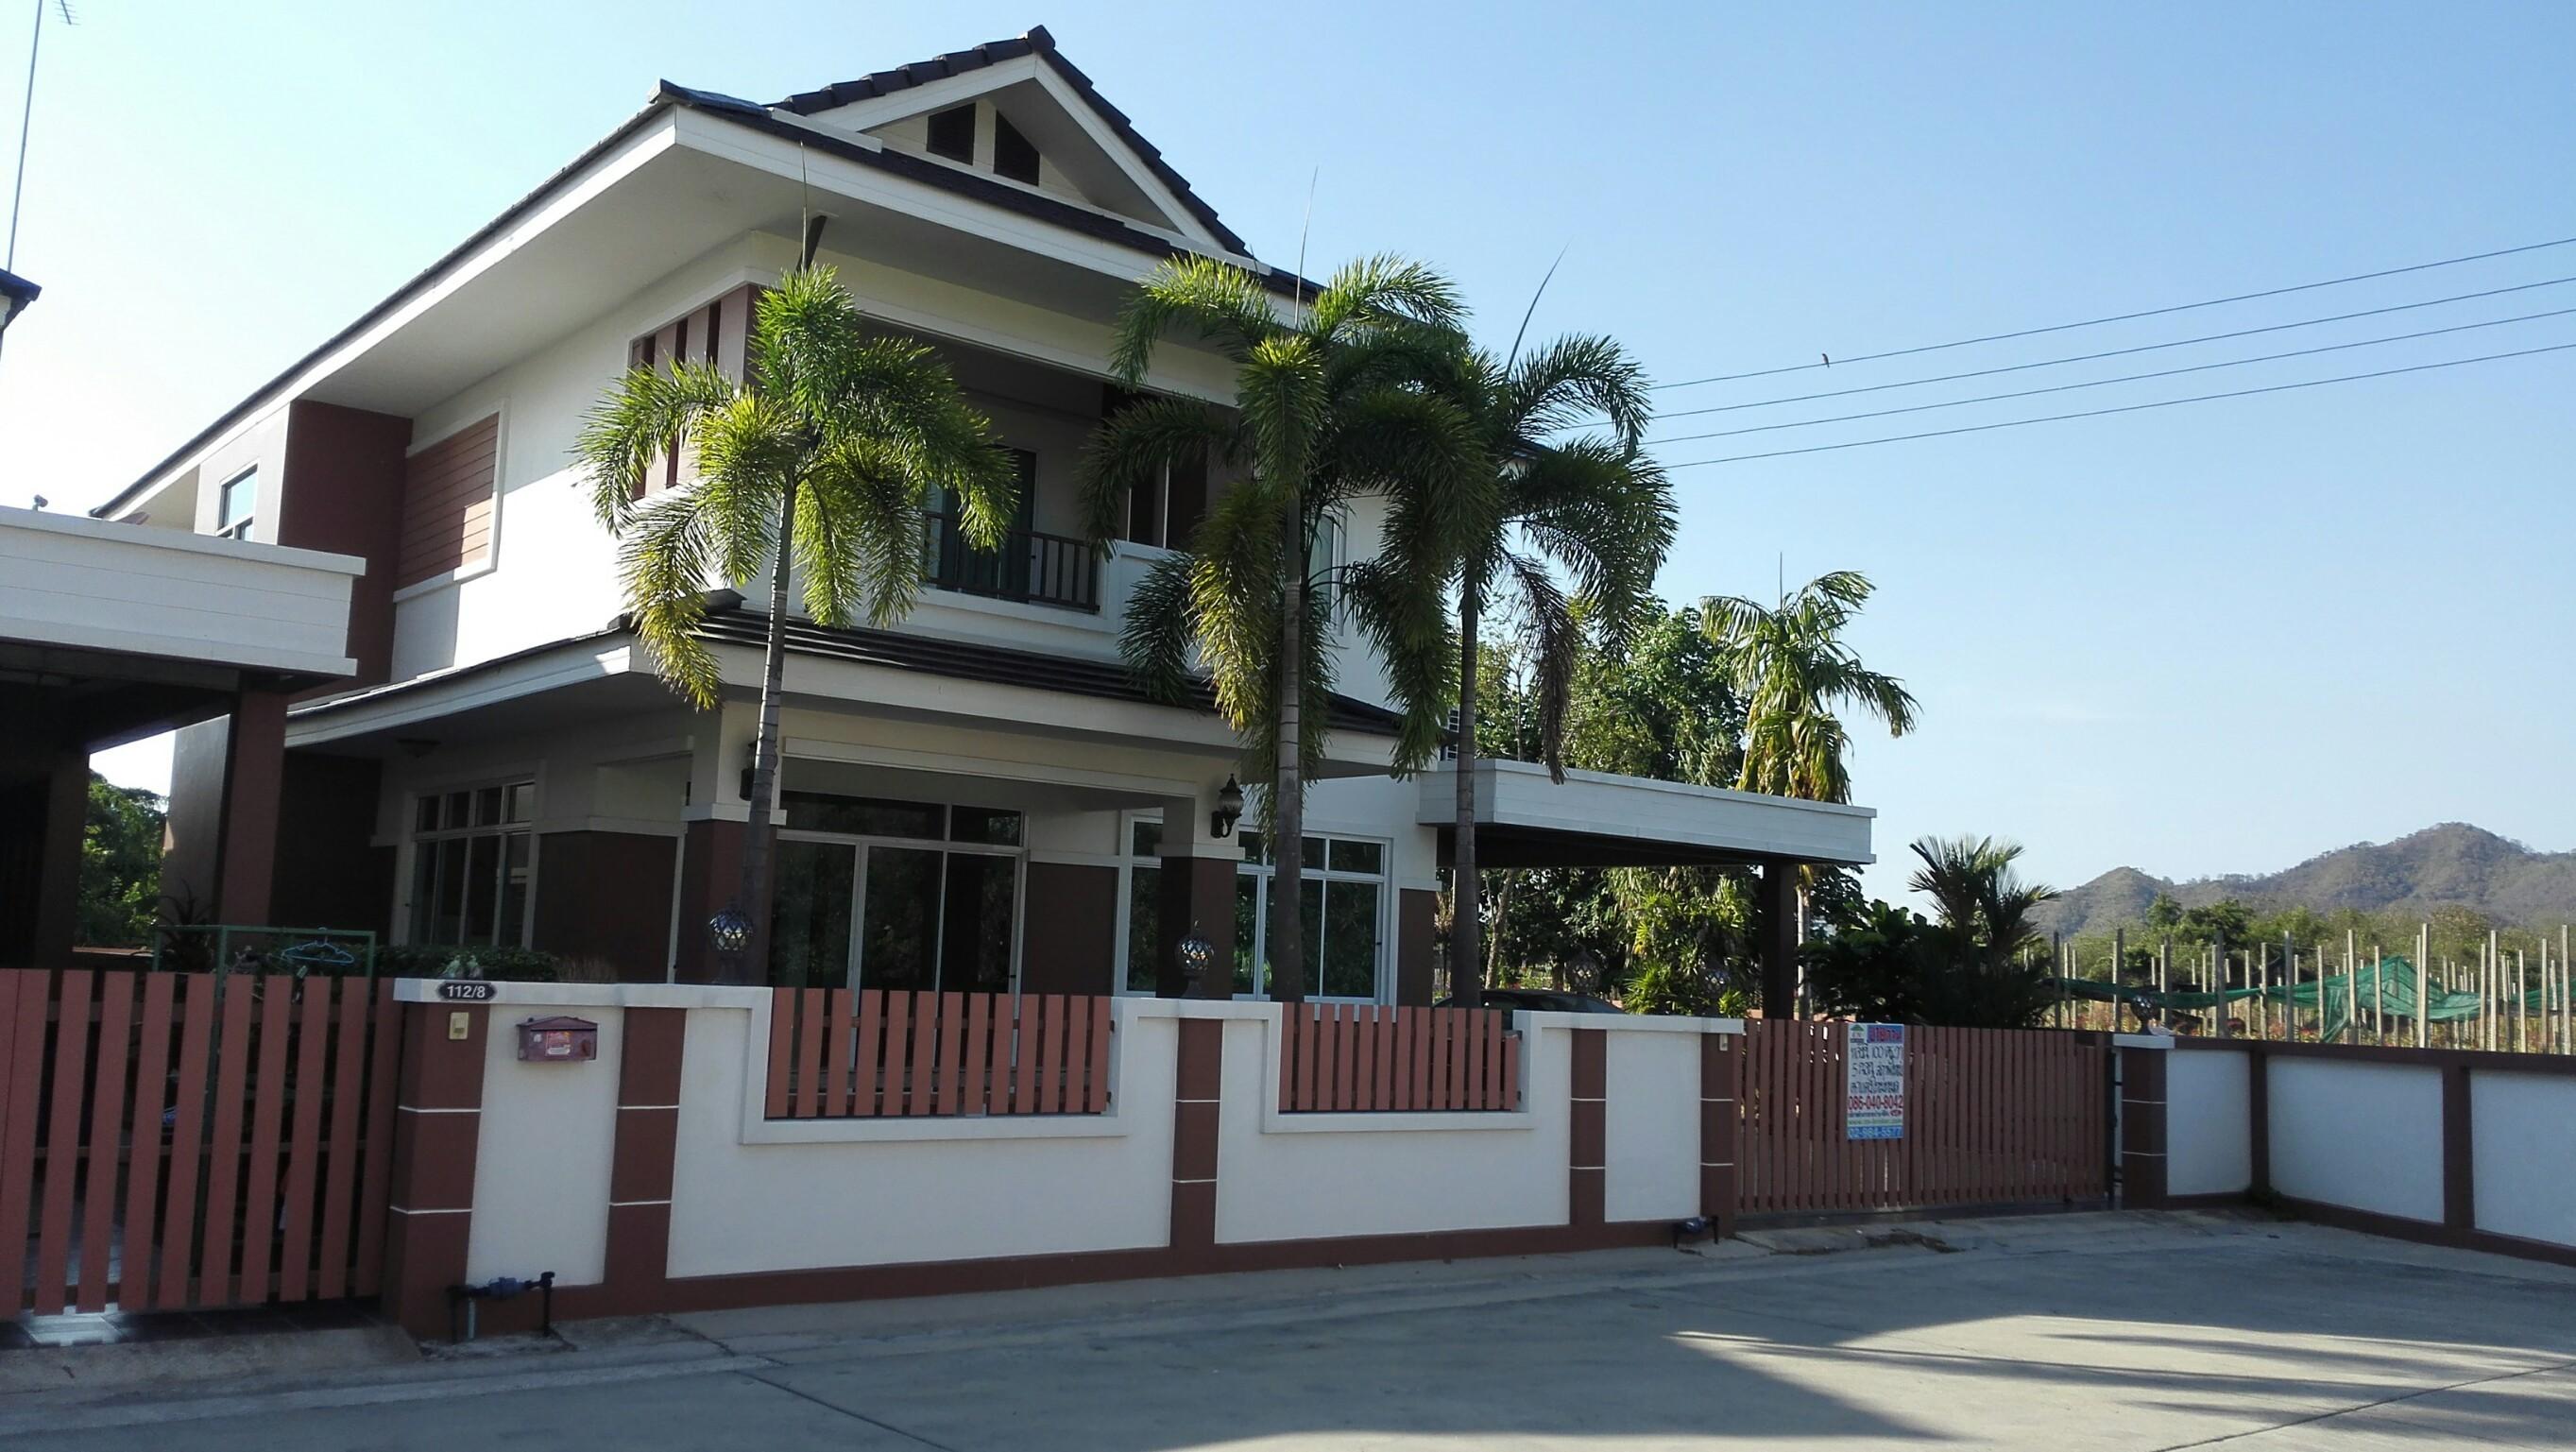 H620 บ้านเดี่ยว 100 ตร.วา ม.บ้านสวนฮิลล์ บางพระ ชลบุรี อยู่ซอยเทศบาล7/8 ตรงข้ามตลาดบางพระ 5ห้องนอน ตกแต่งสวย พร้อมอยู่